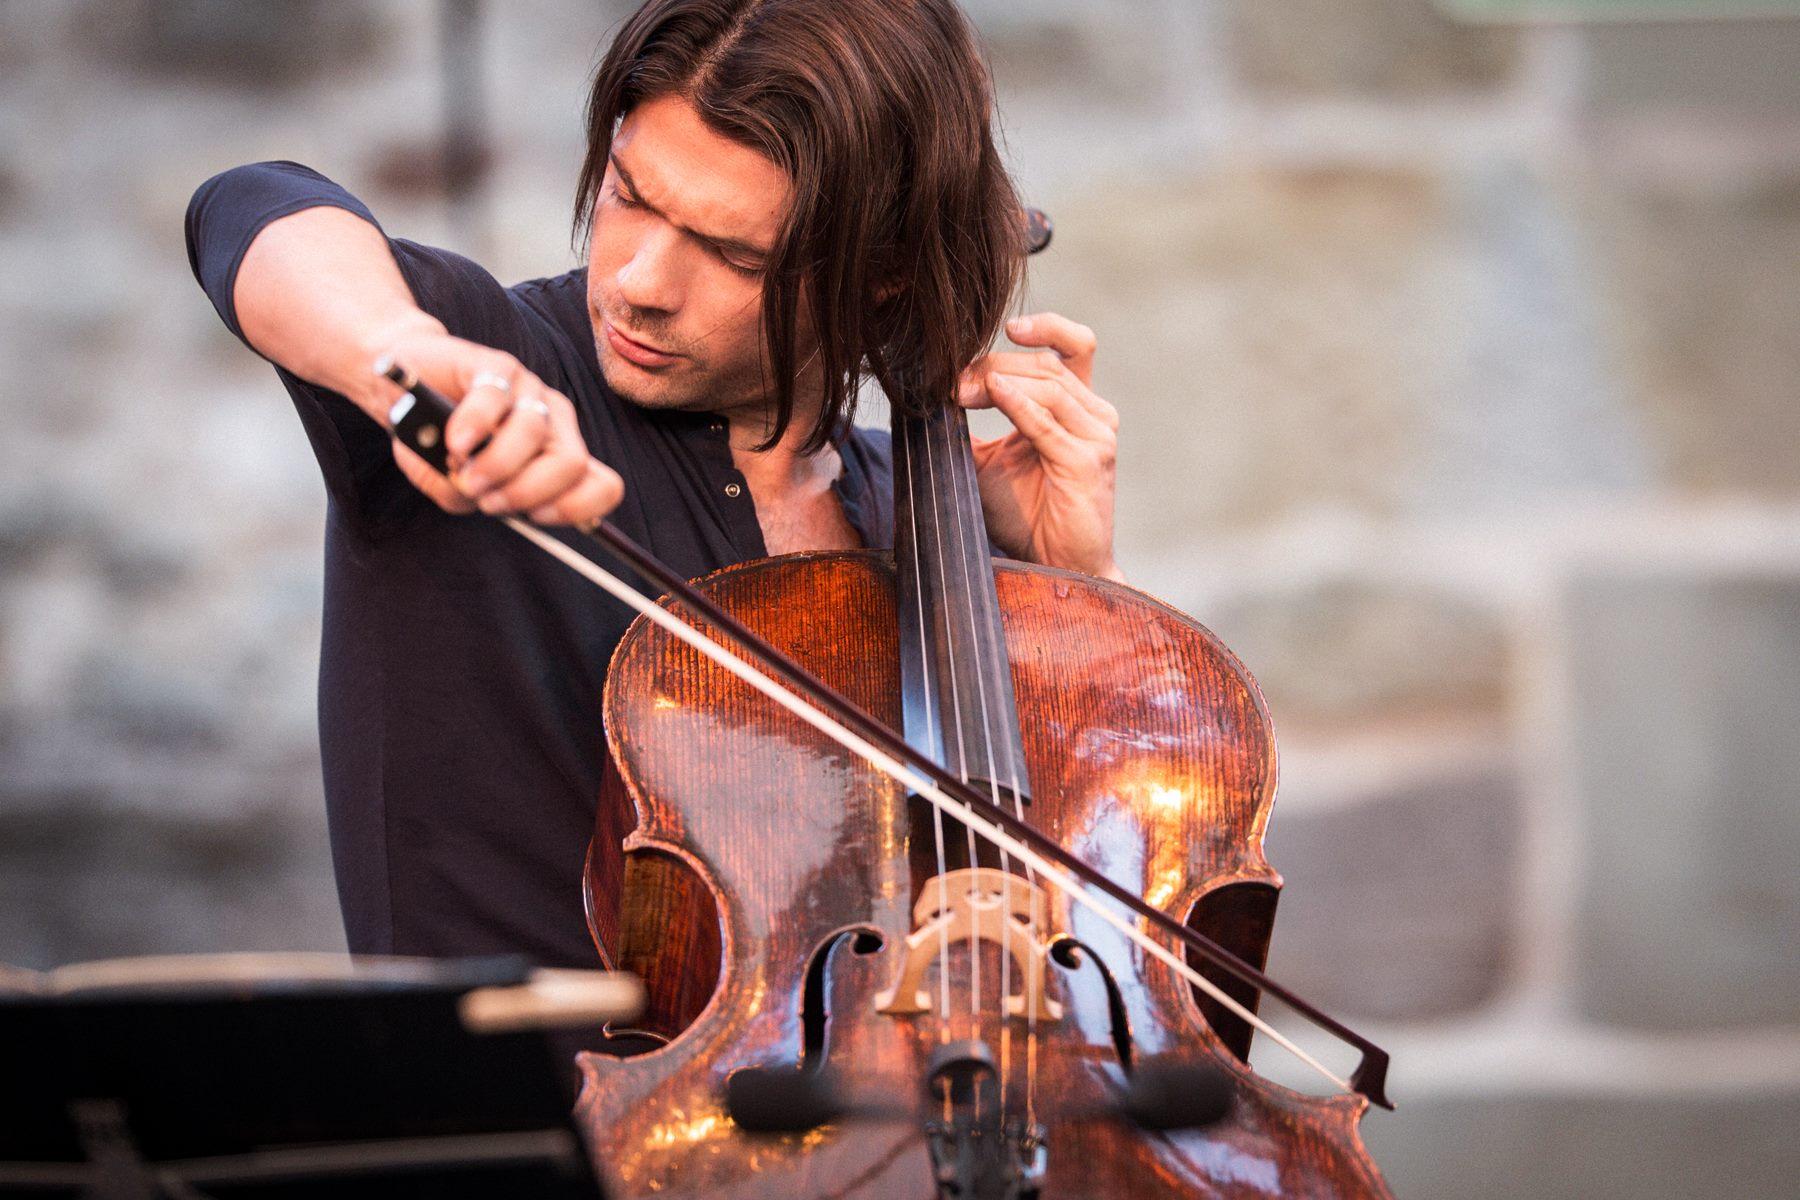 大提琴演奏家戈蒂耶·卡普松